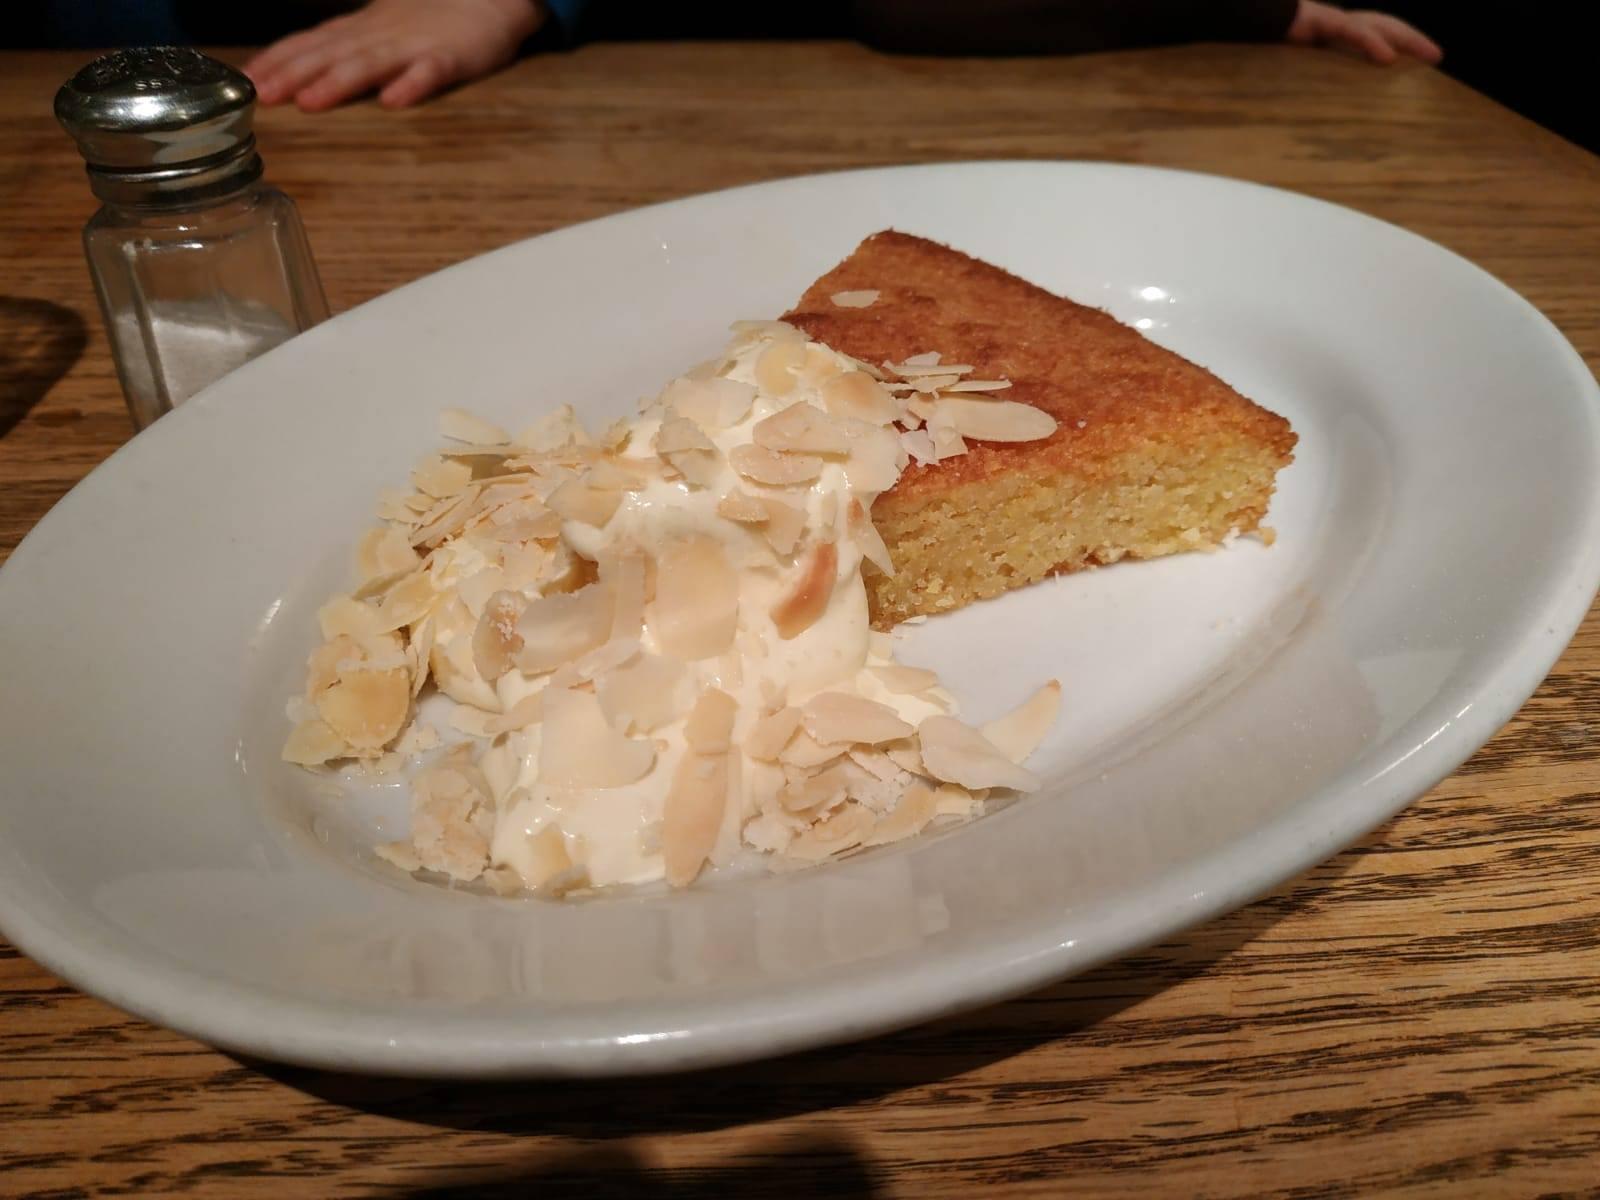 קפה איטליה עוגה